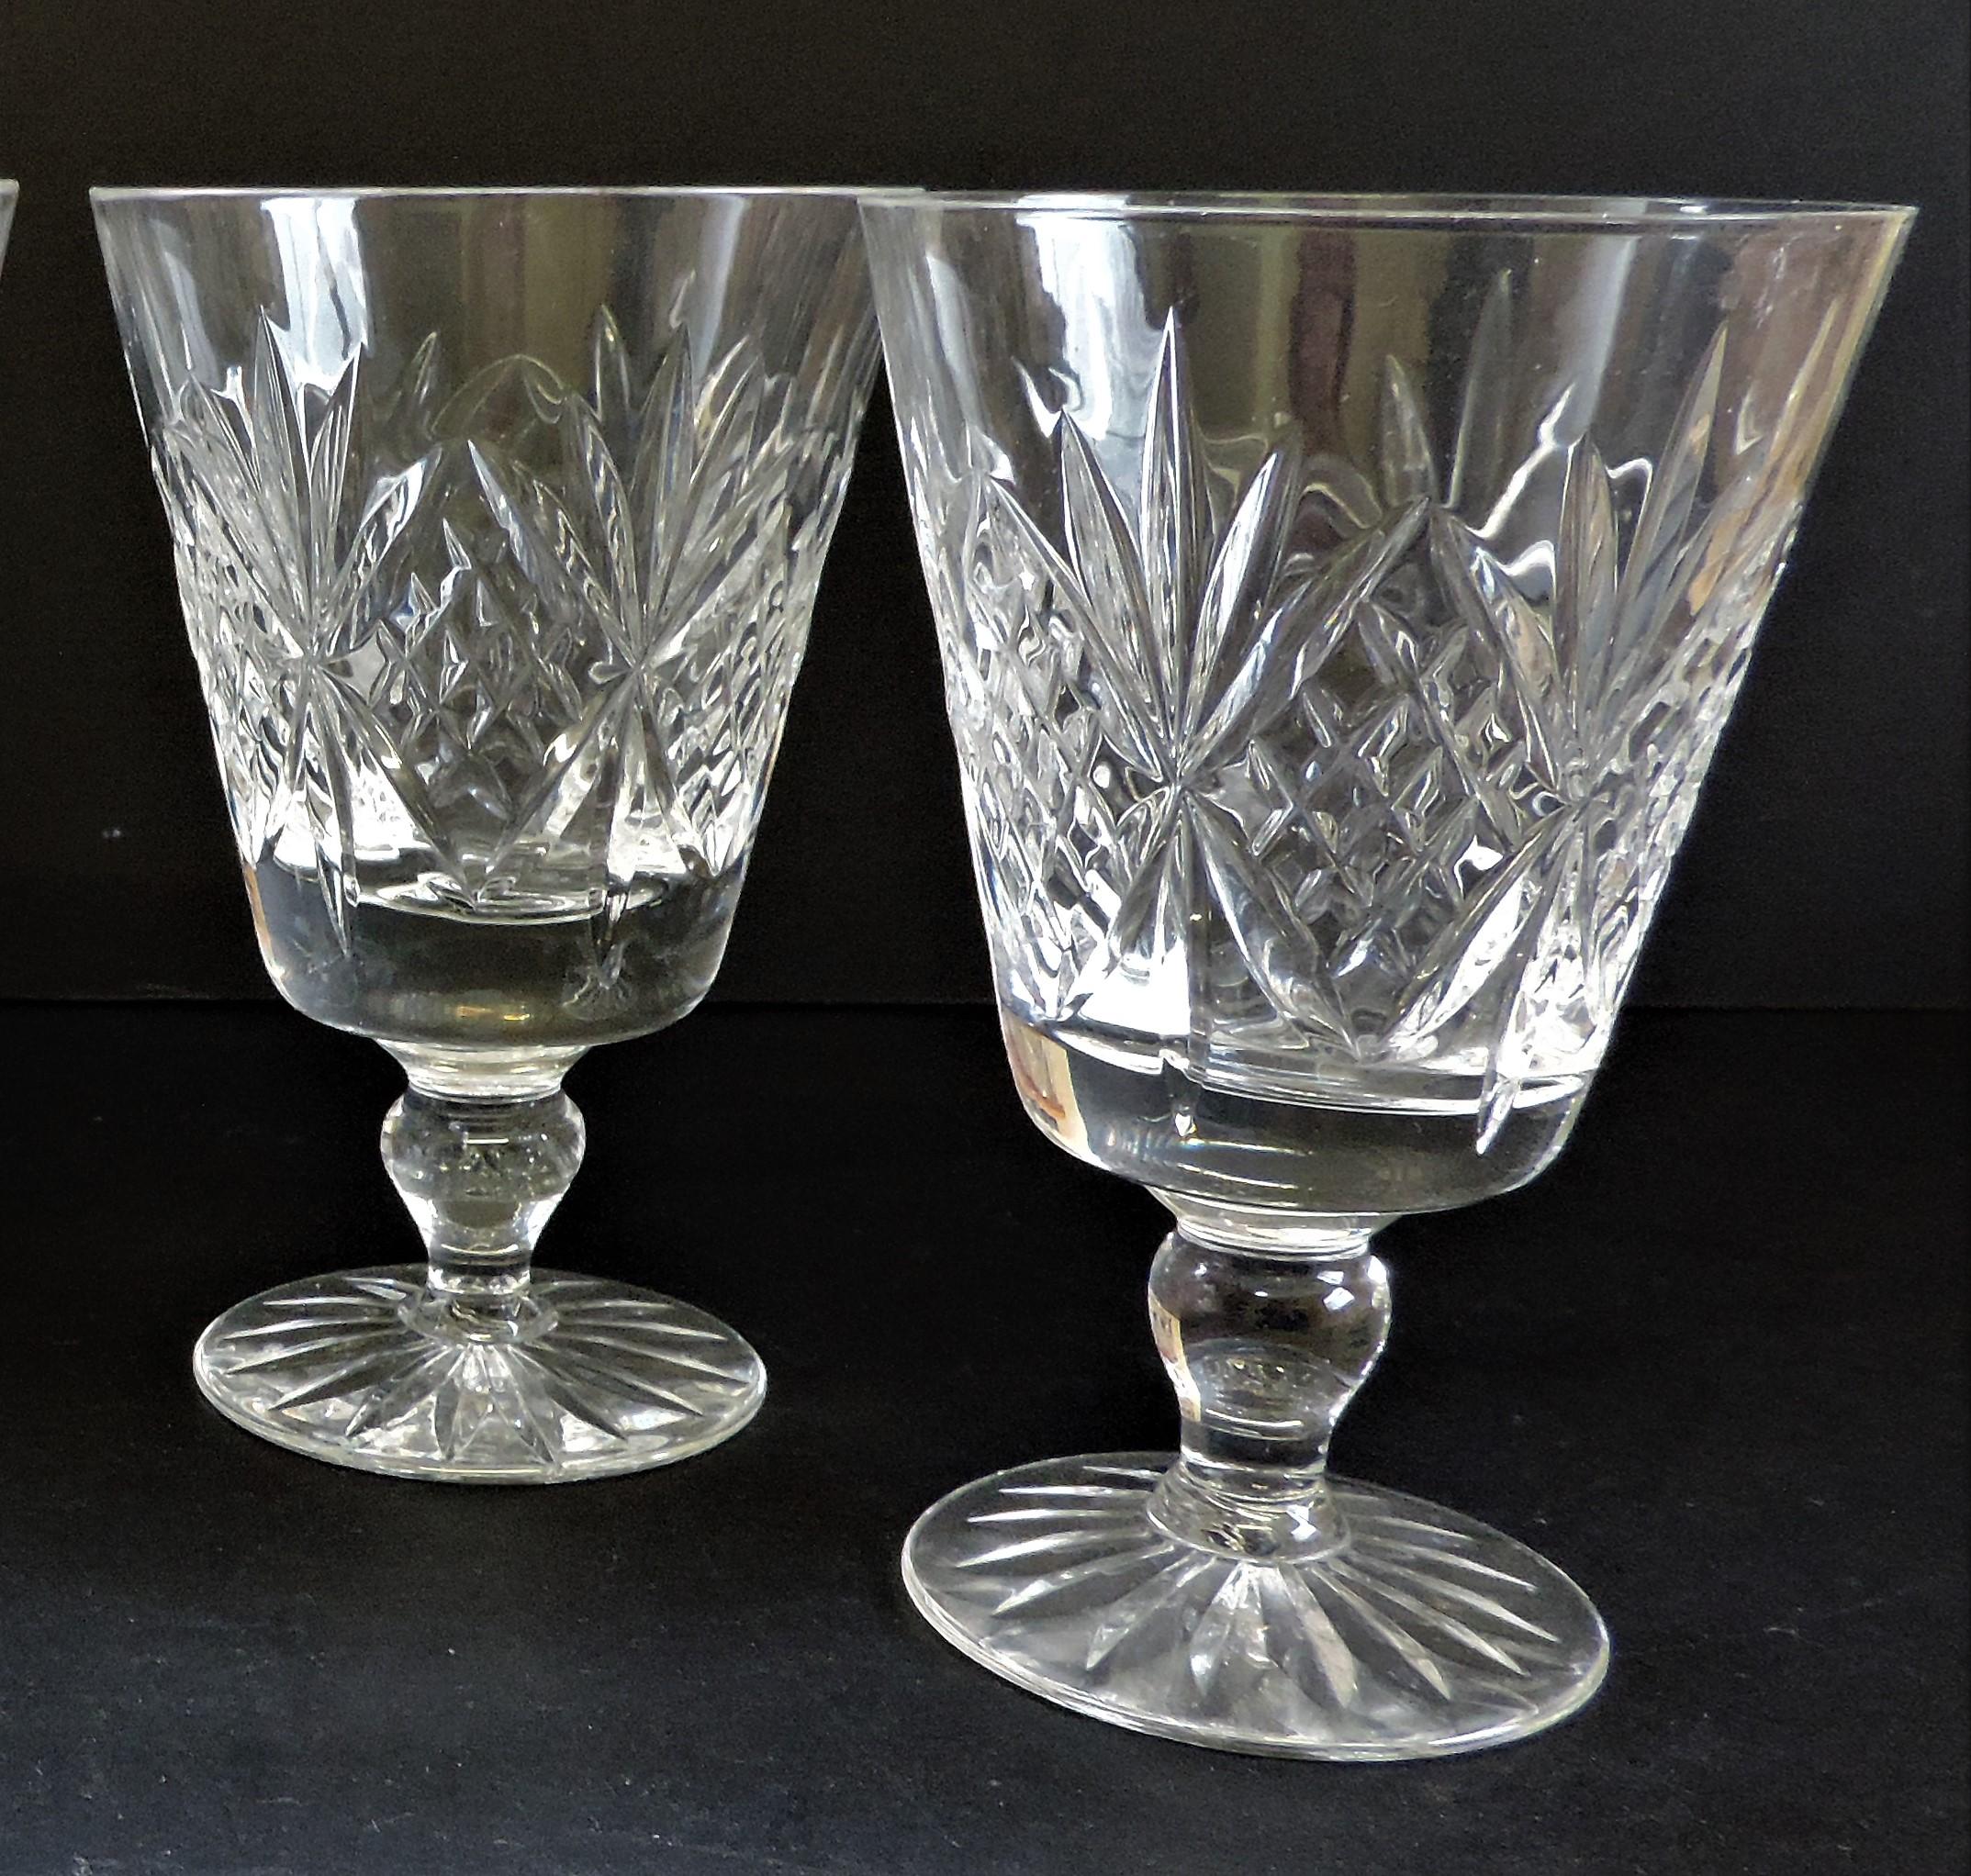 Set of 4 Vintage Crystal Wine Goblets 12cm tall - Image 3 of 4